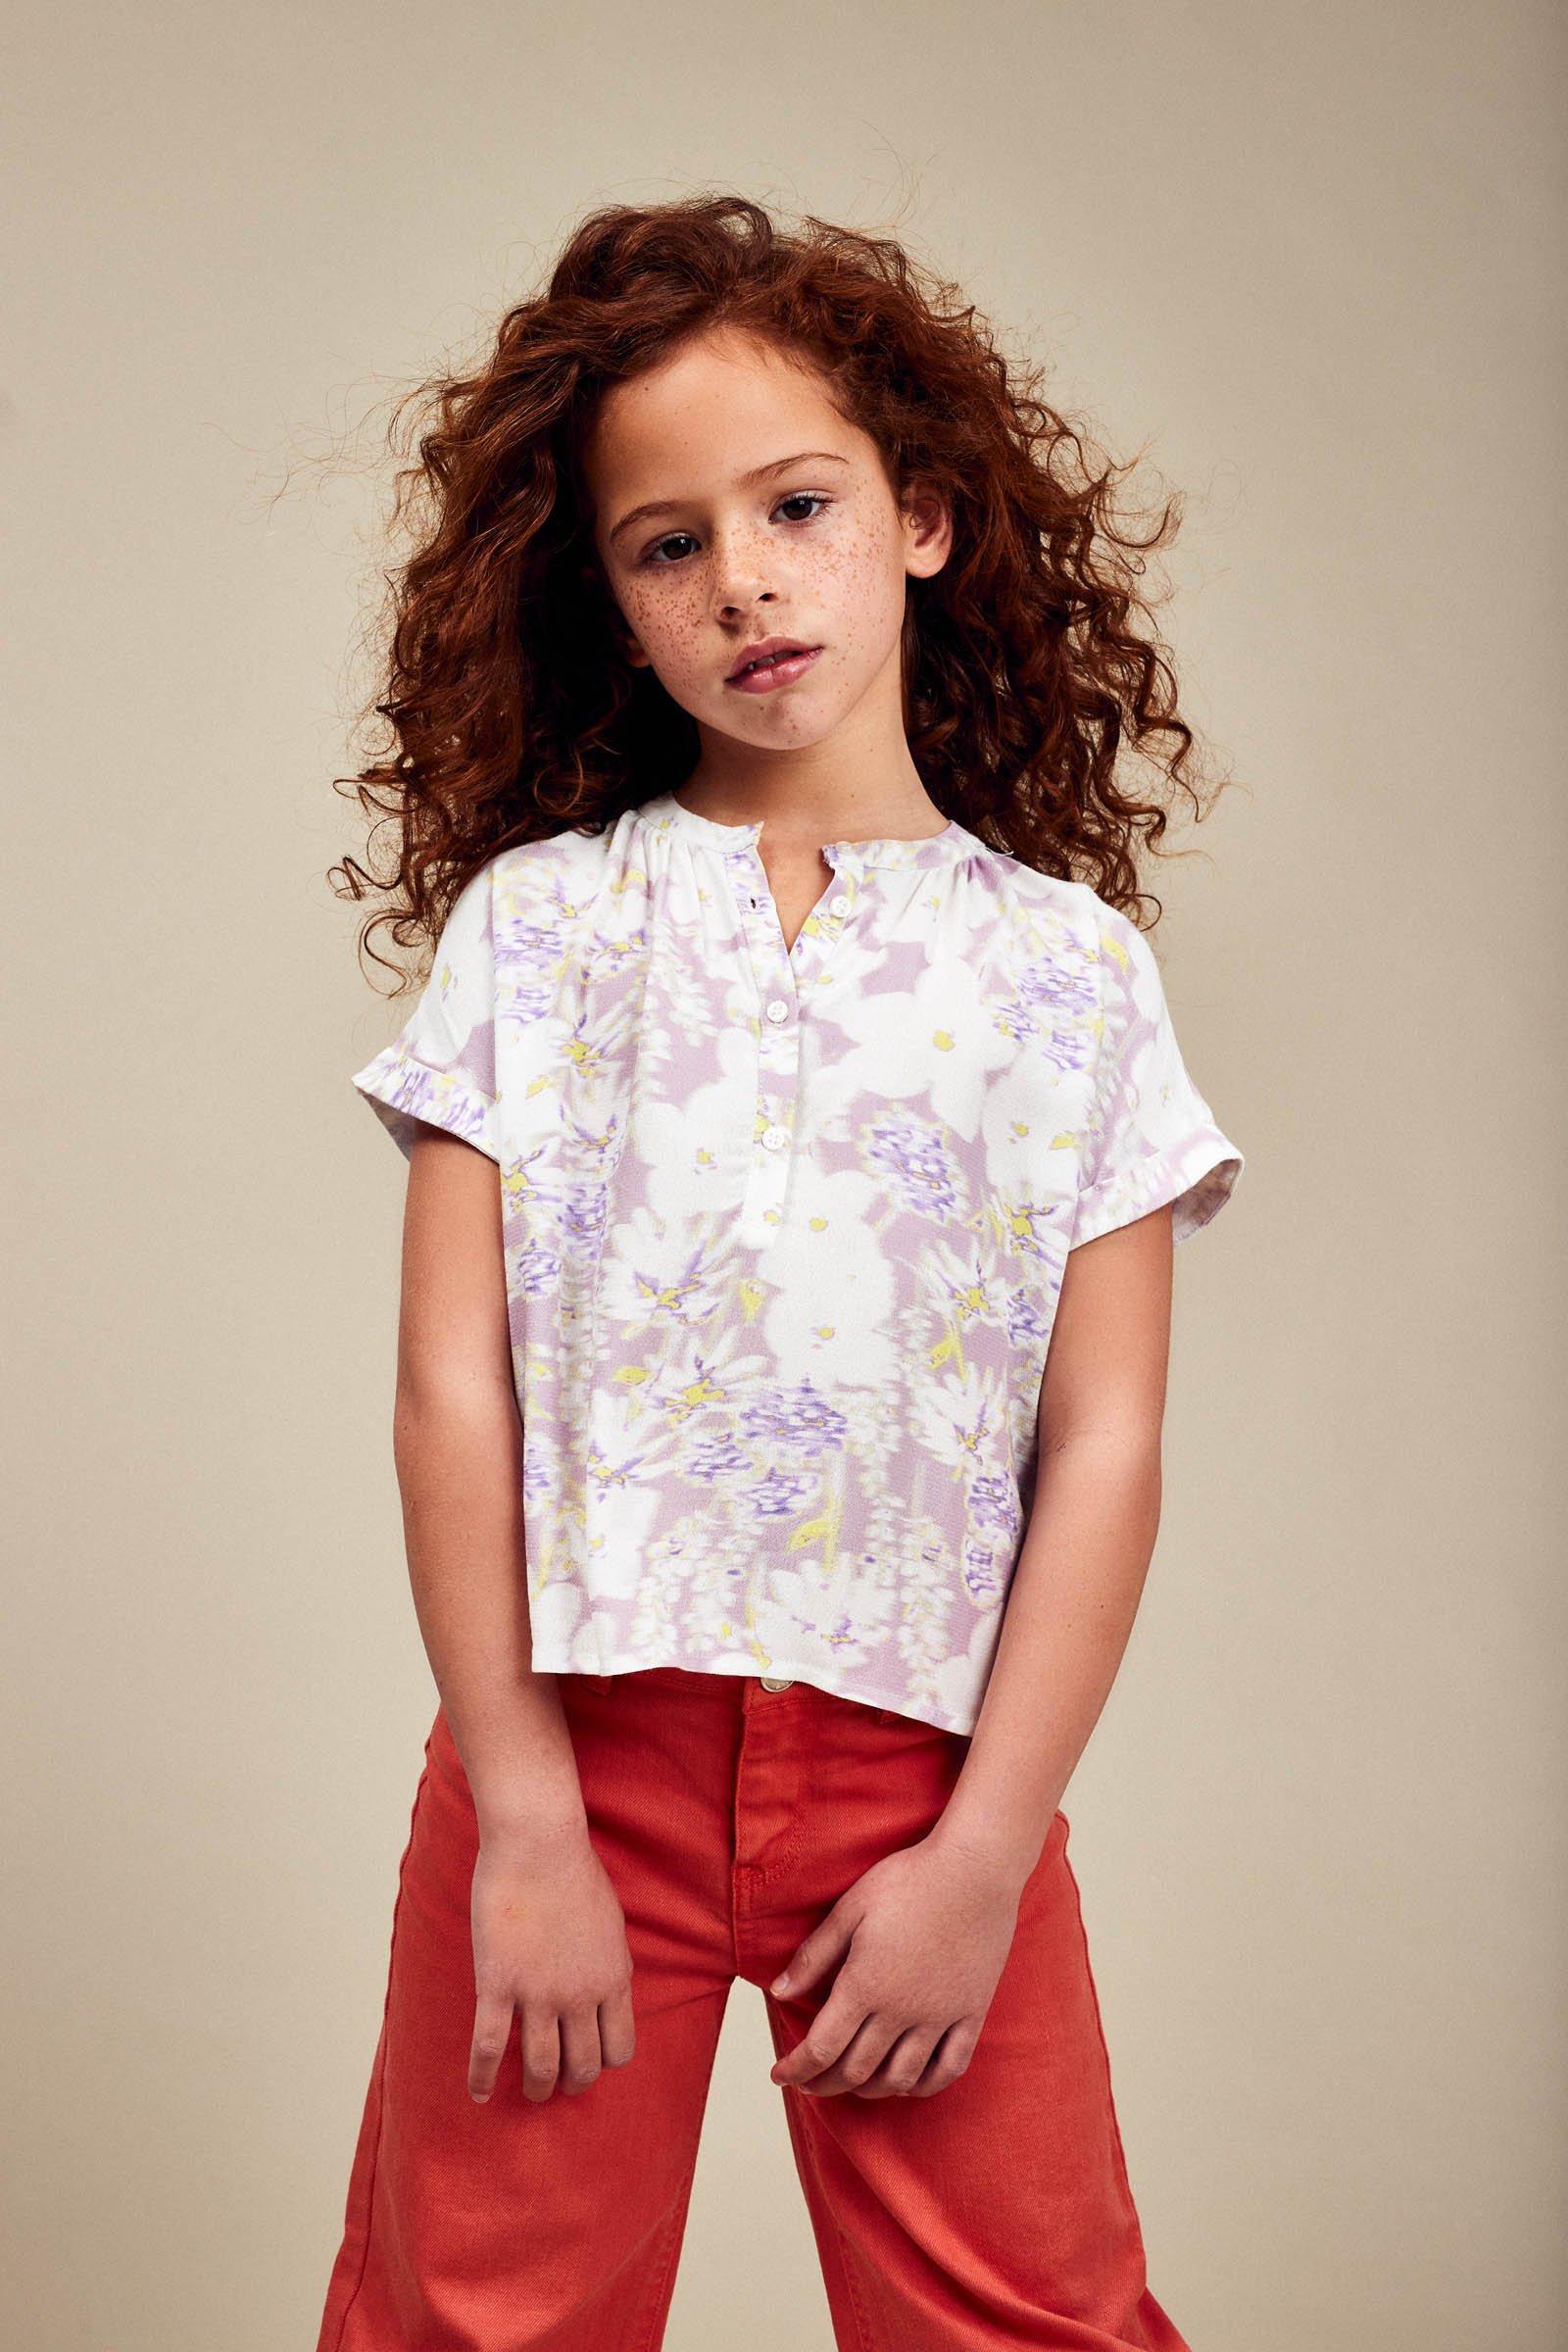 CKS Kids - EBOWA - blouse lange mouwen - meerkleurig